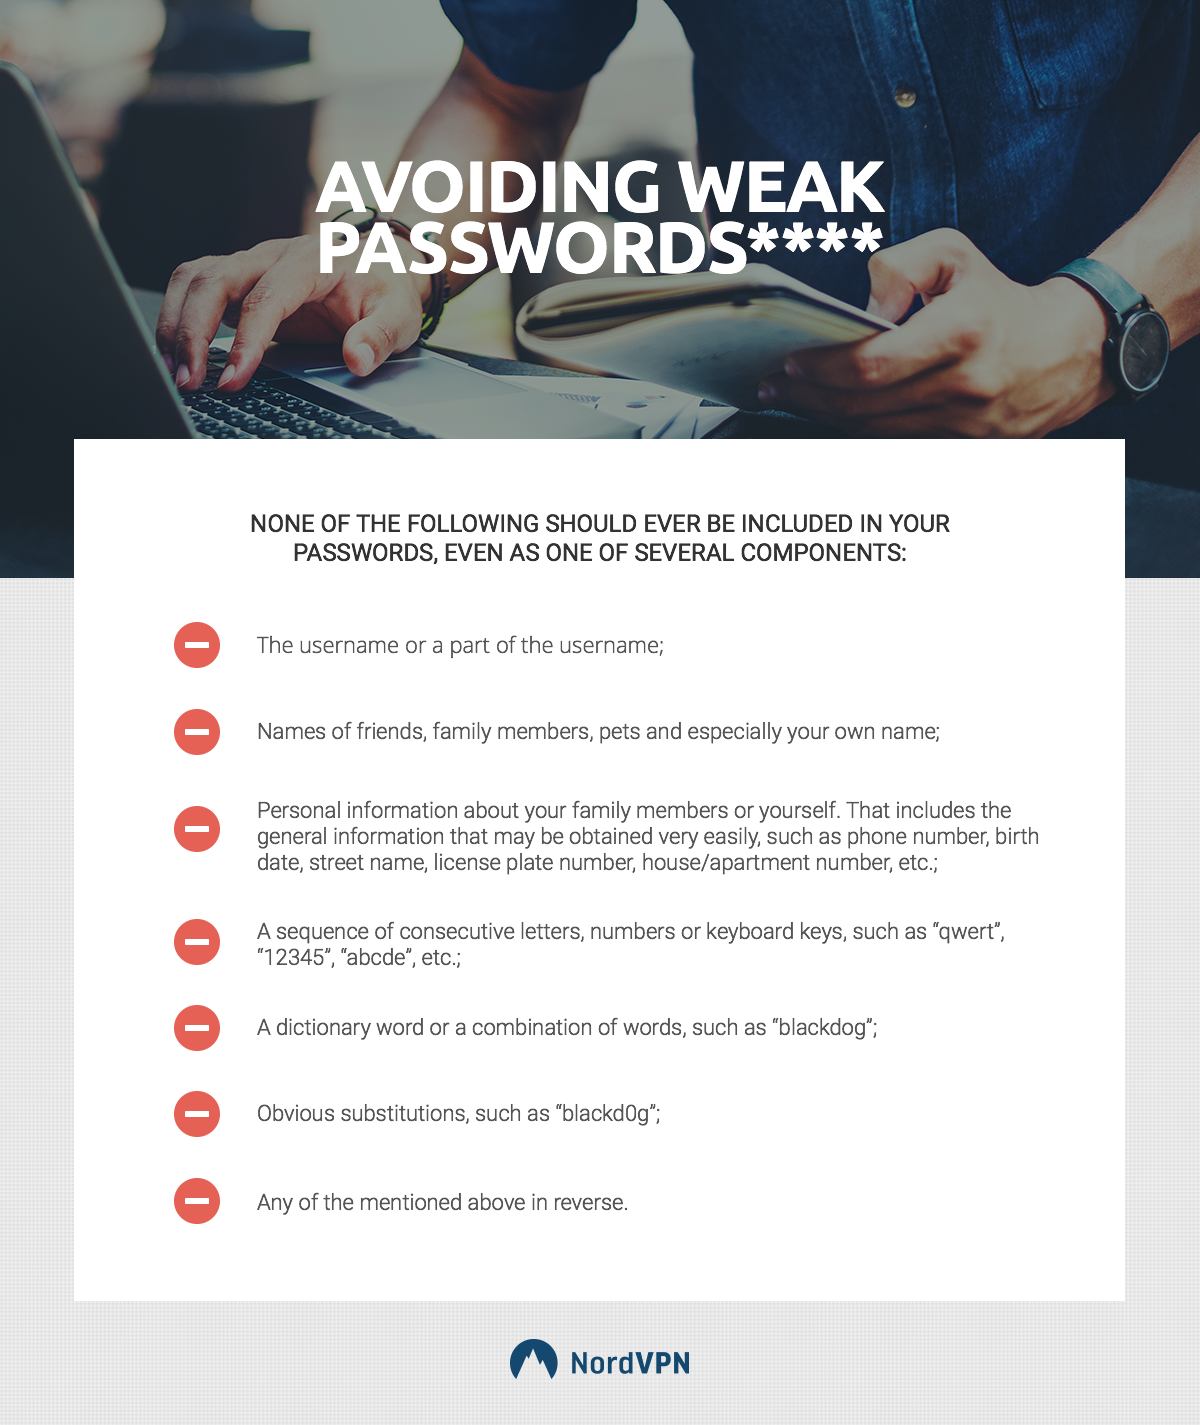 How to avoid weak passwords